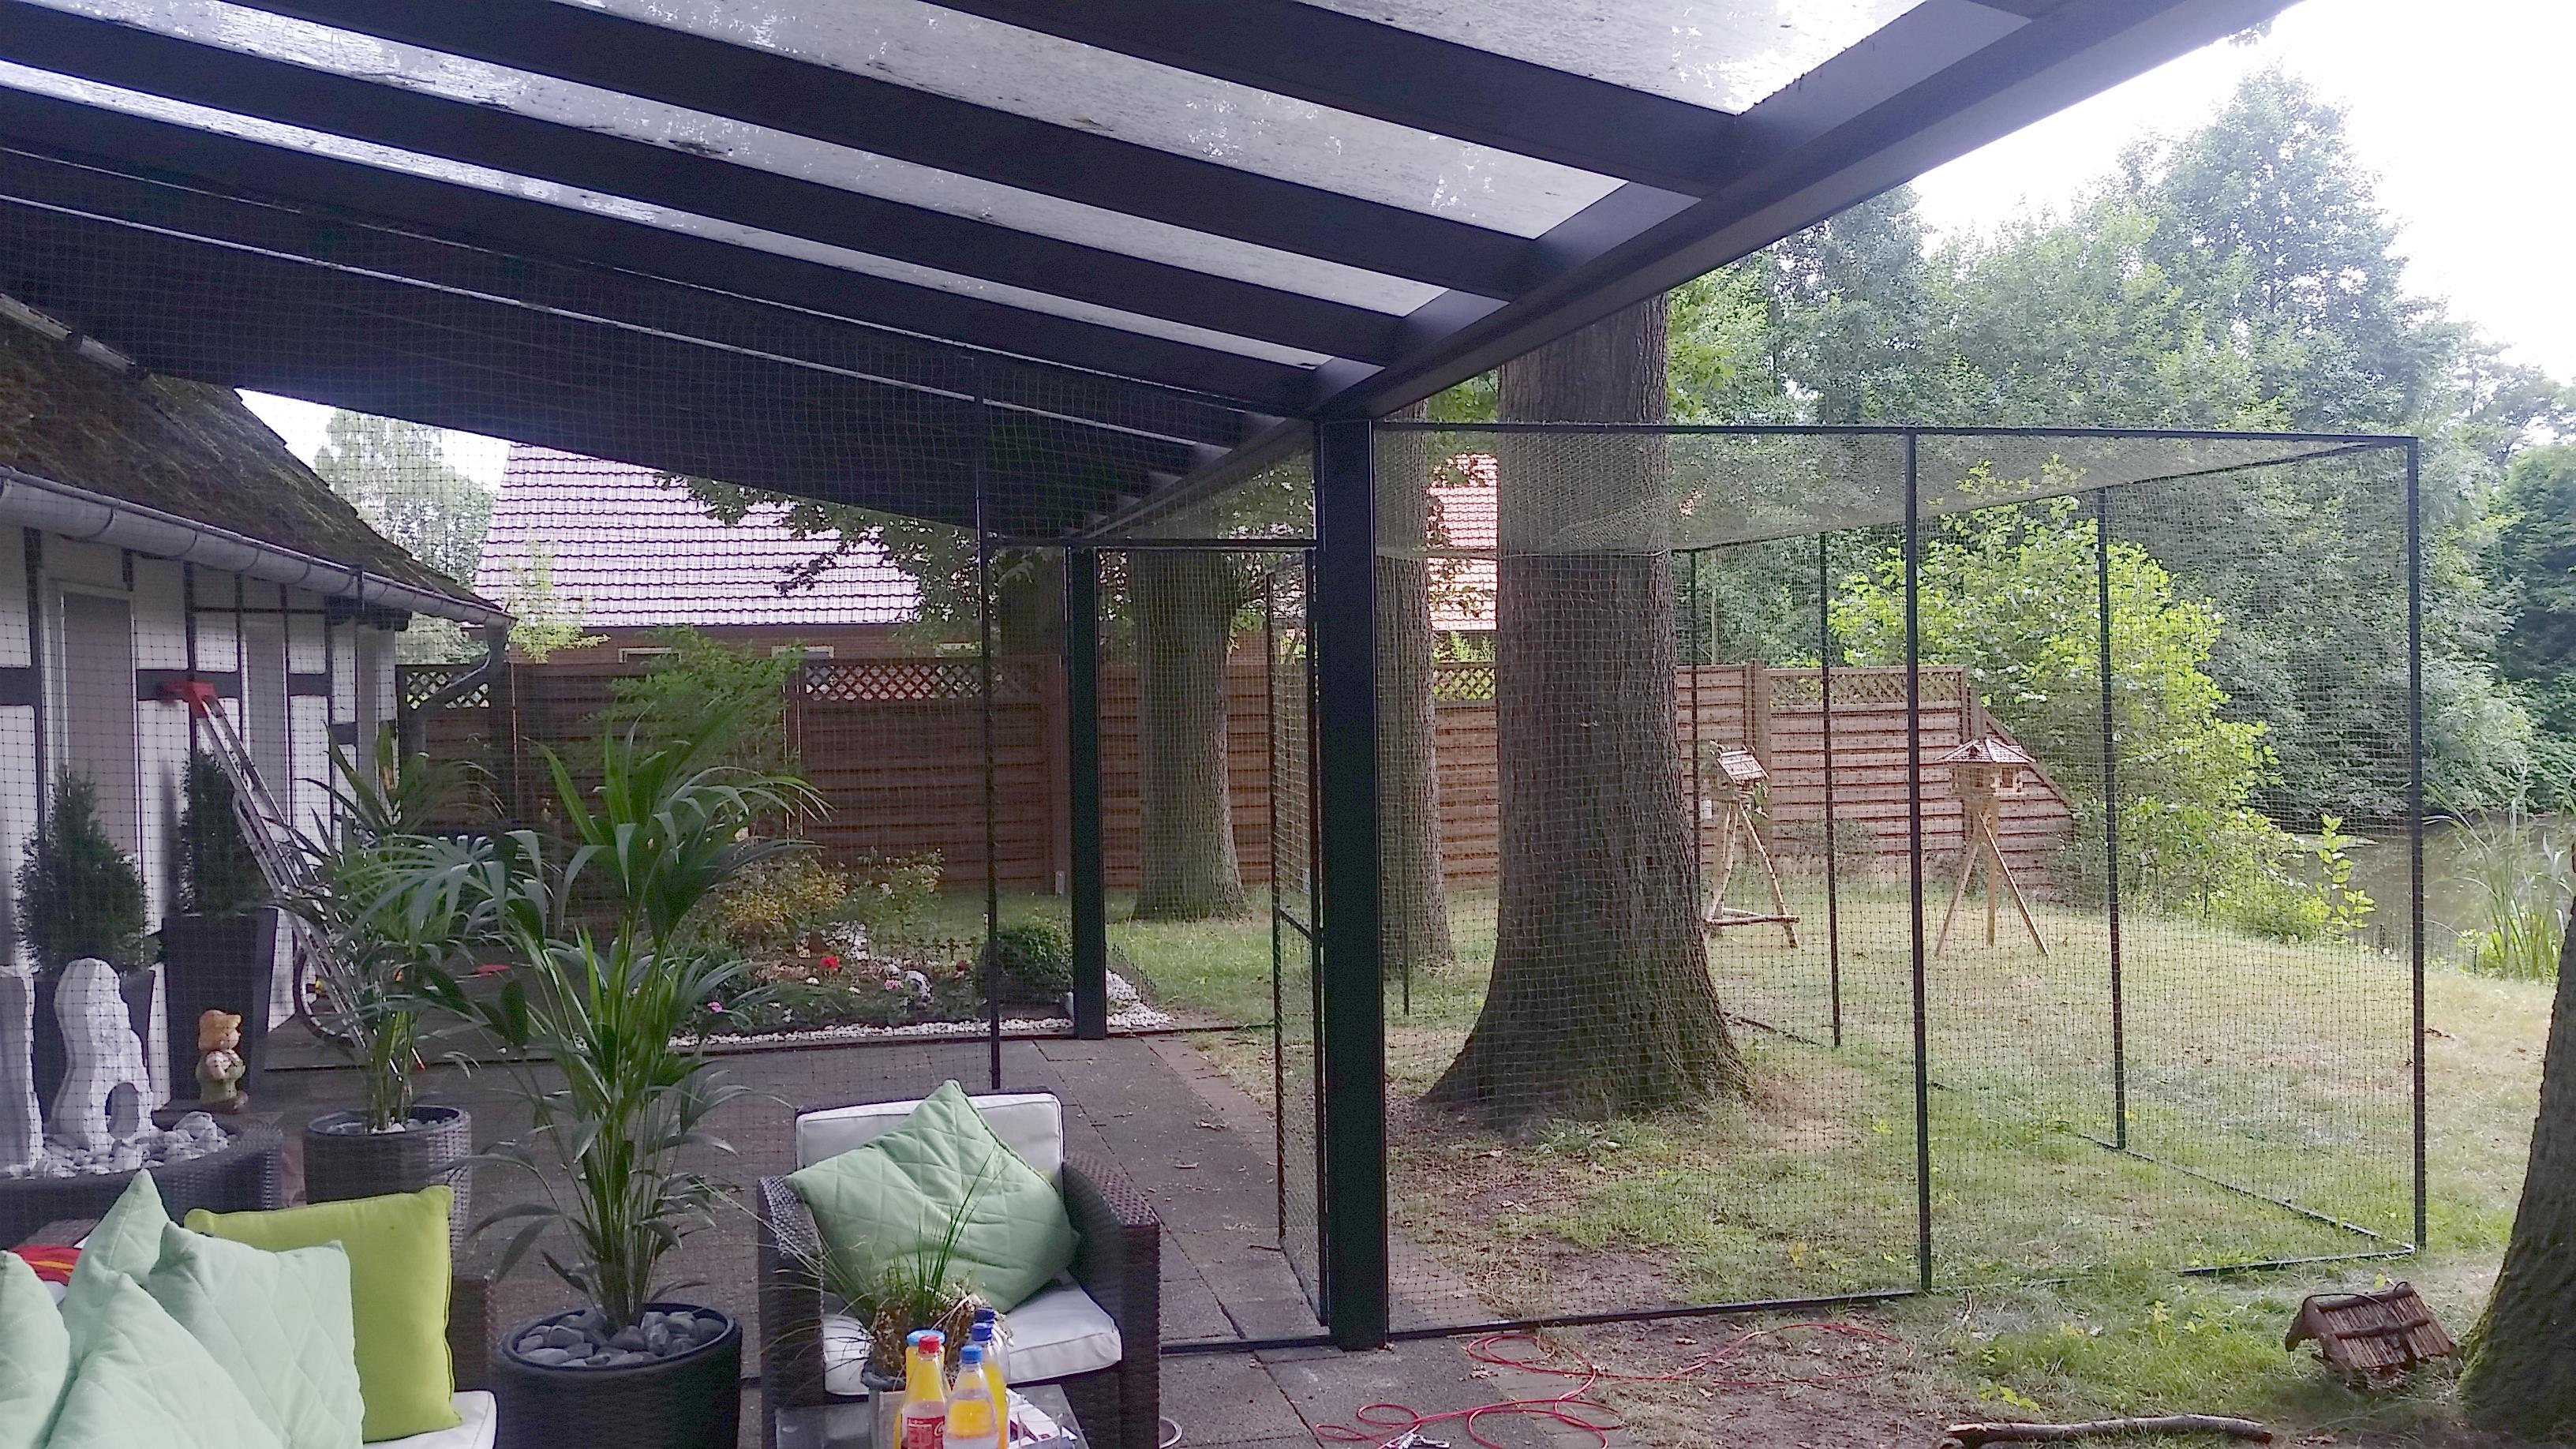 terrasse und gartenteil als katzengehege katzennetze nrw der katzennetz profi. Black Bedroom Furniture Sets. Home Design Ideas